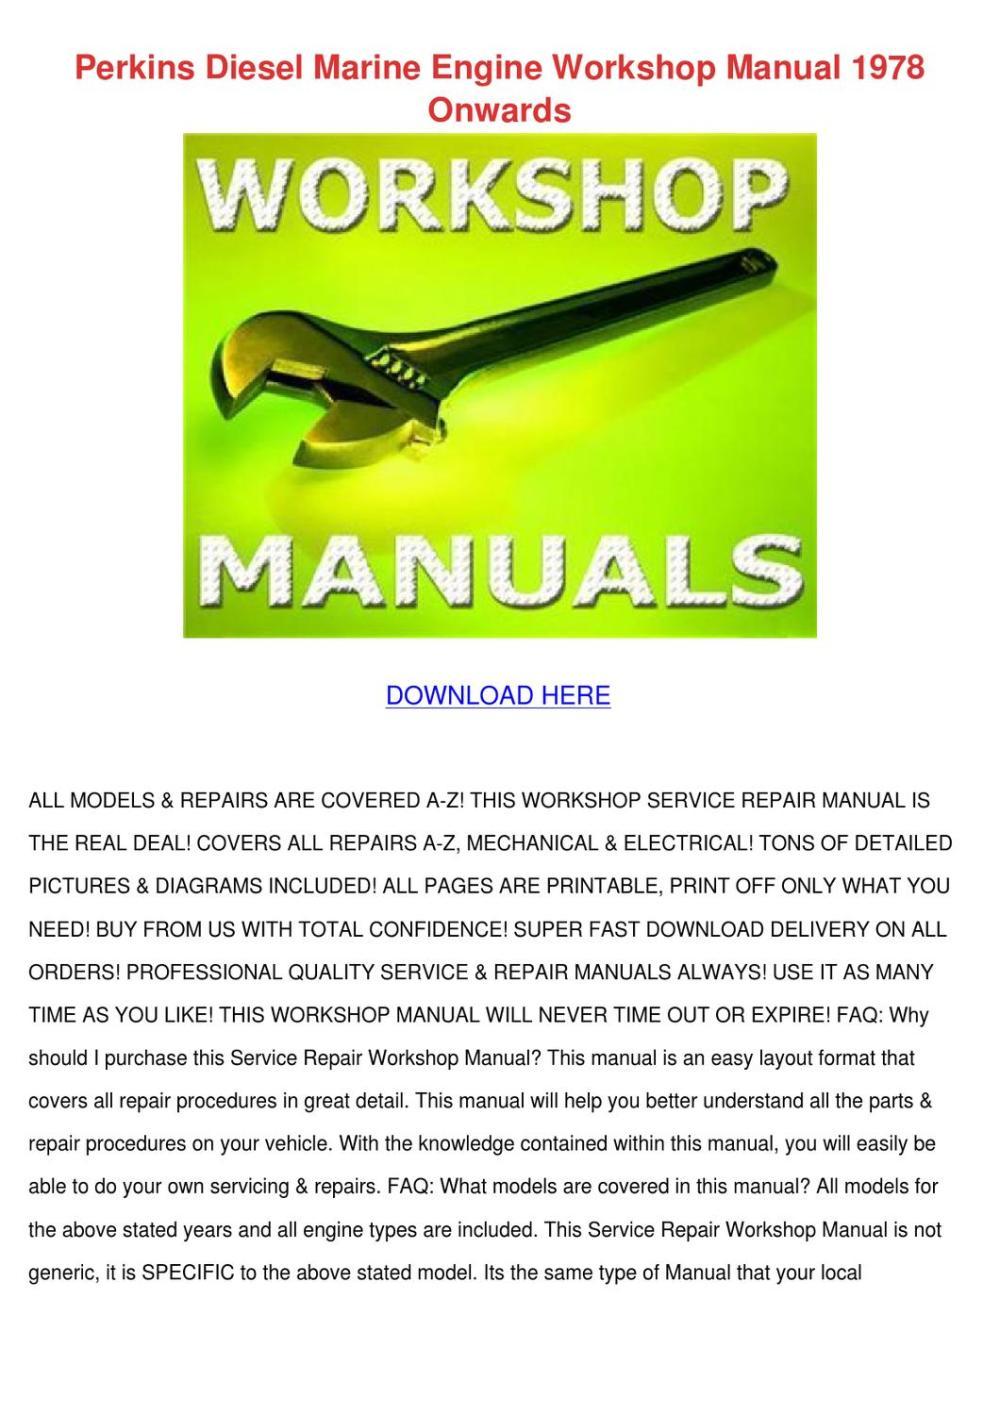 medium resolution of perkins diesel marine engine workshop manual